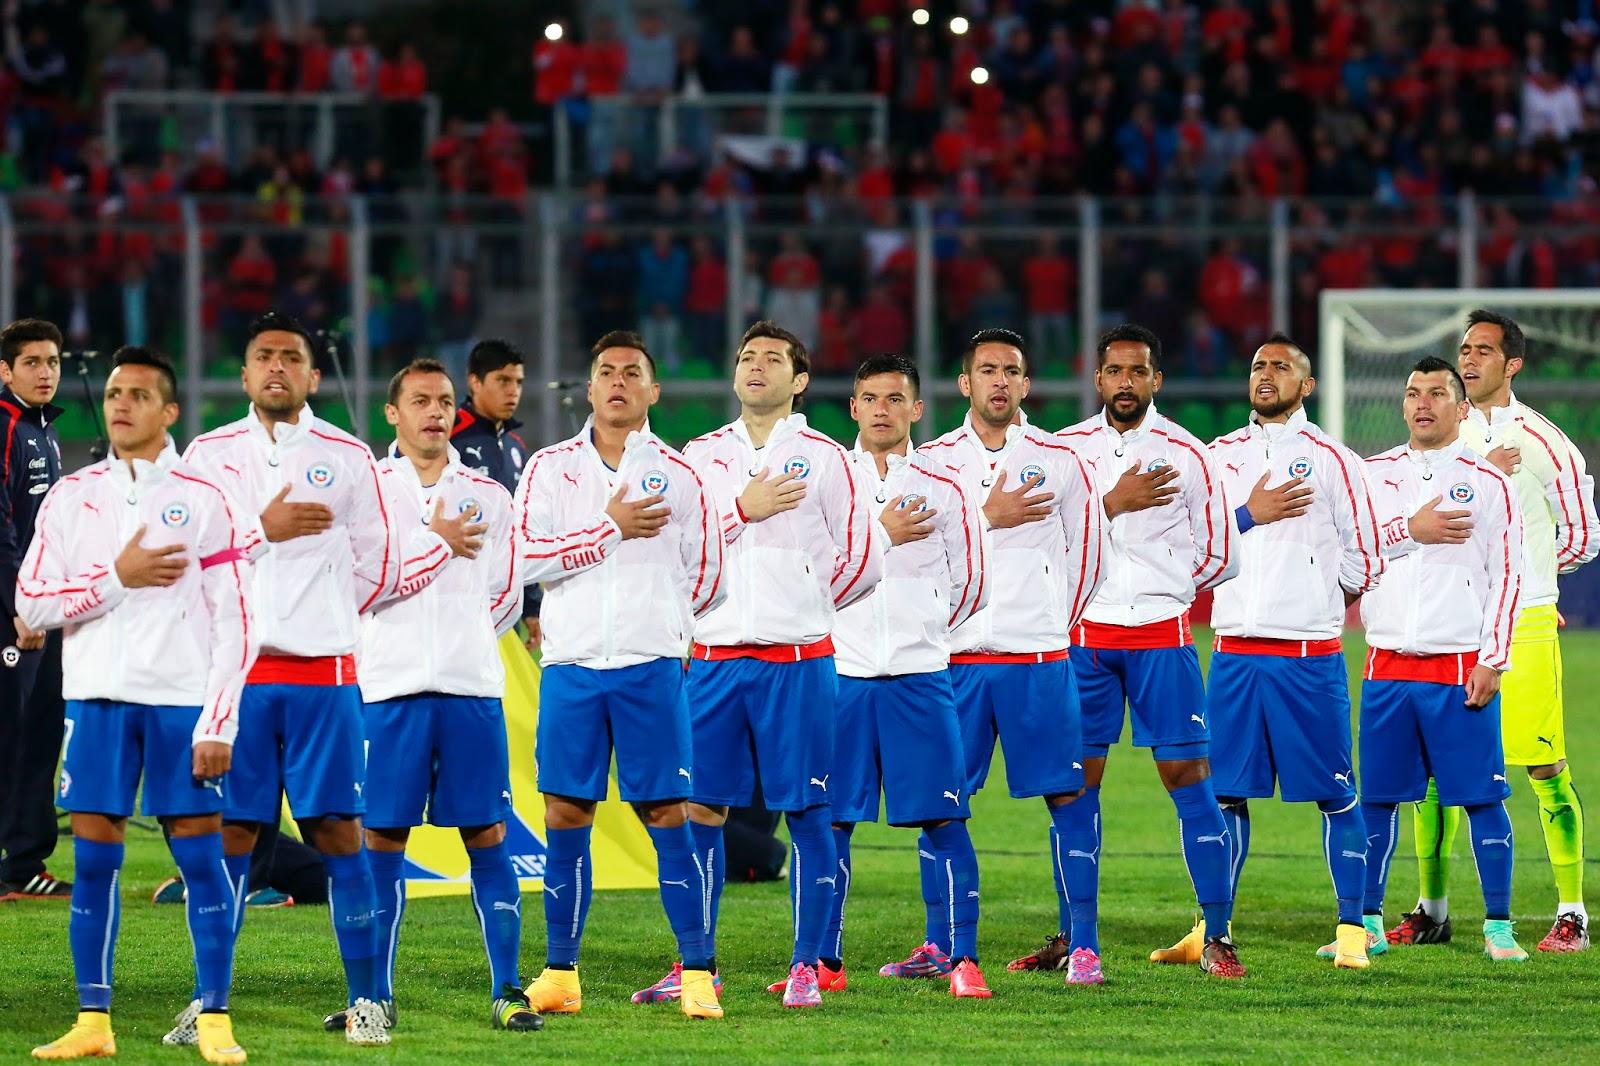 Formación de Chile ante Perú, amistoso disputado el 10 de octubre de 2014